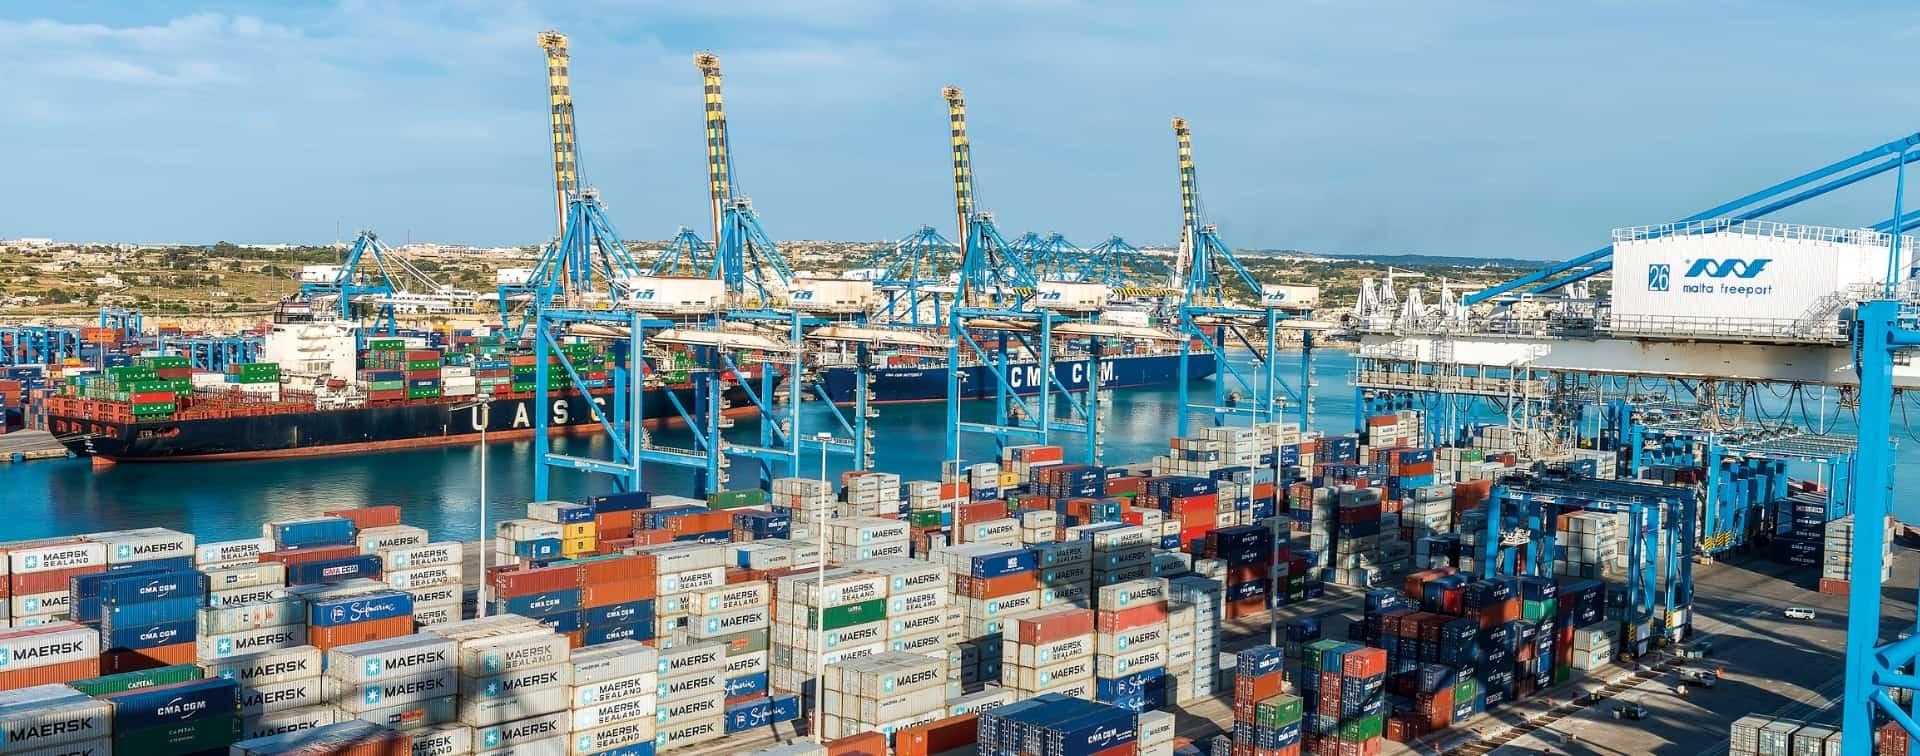 Malta: Đất nước nhỏ, Nền kinh tế lớn!